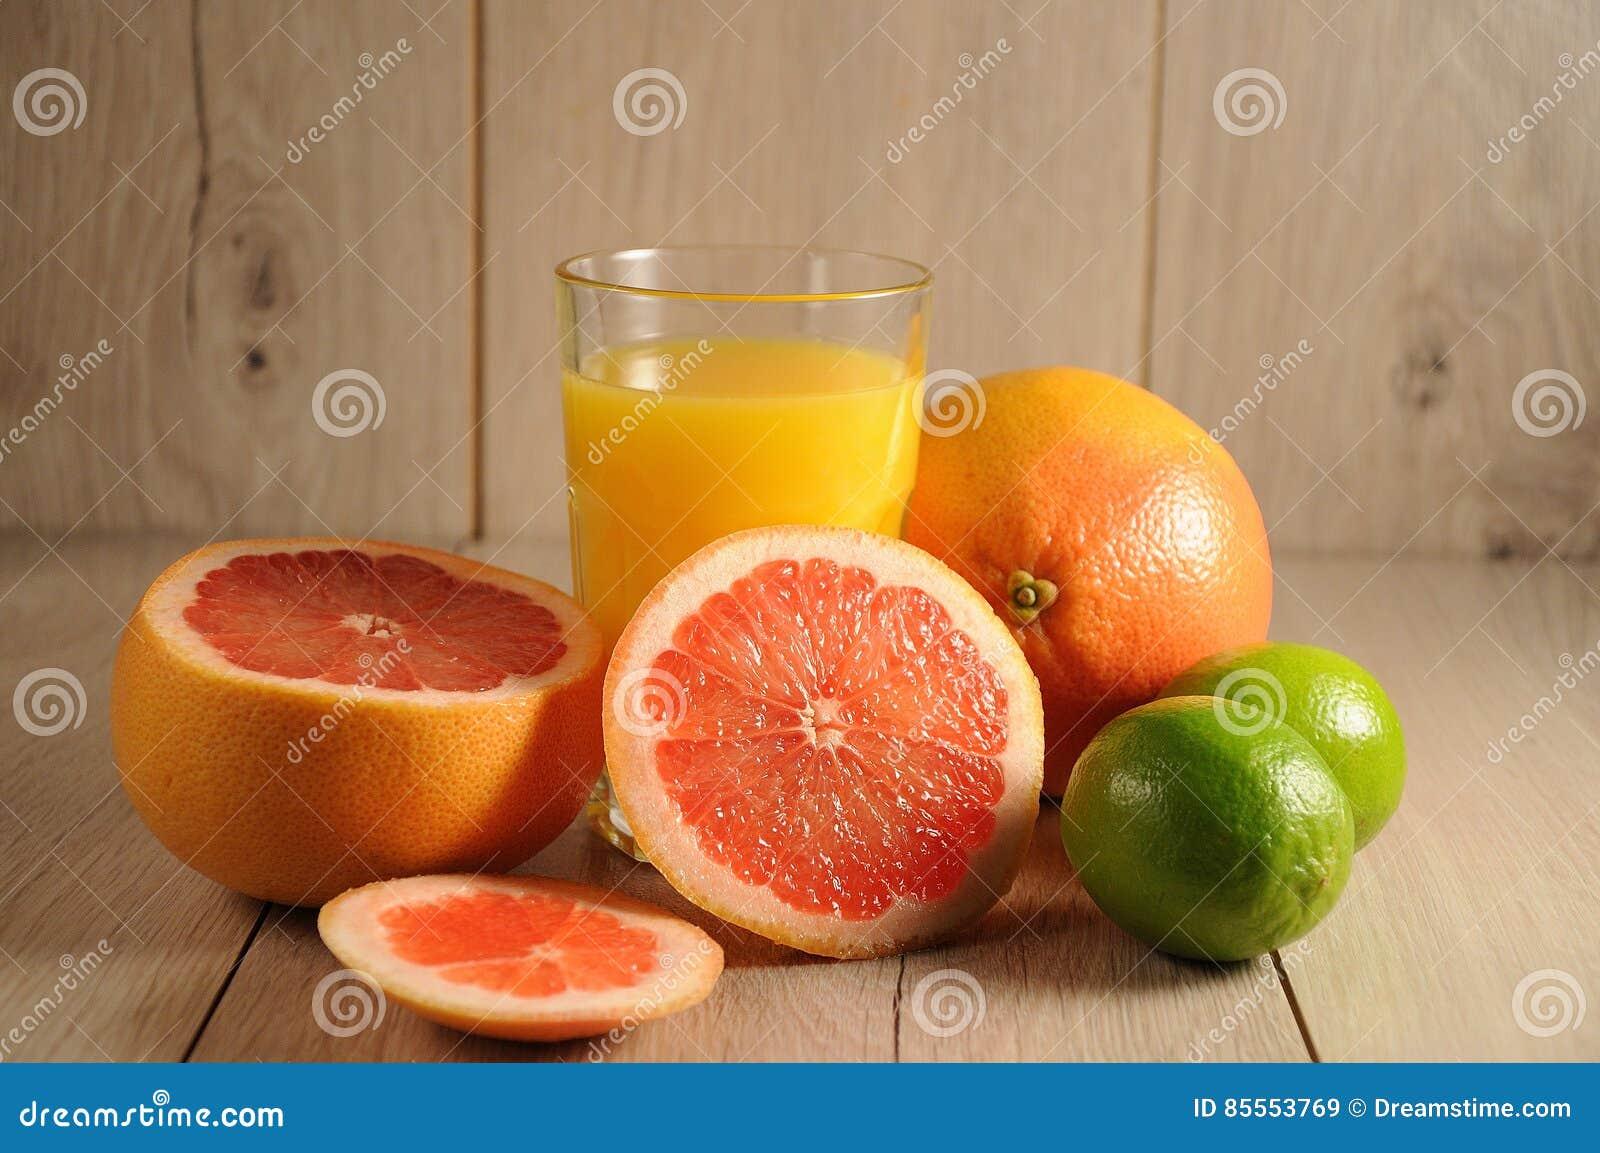 Die Mischung von Zitrusfrüchten und von Orangensaft